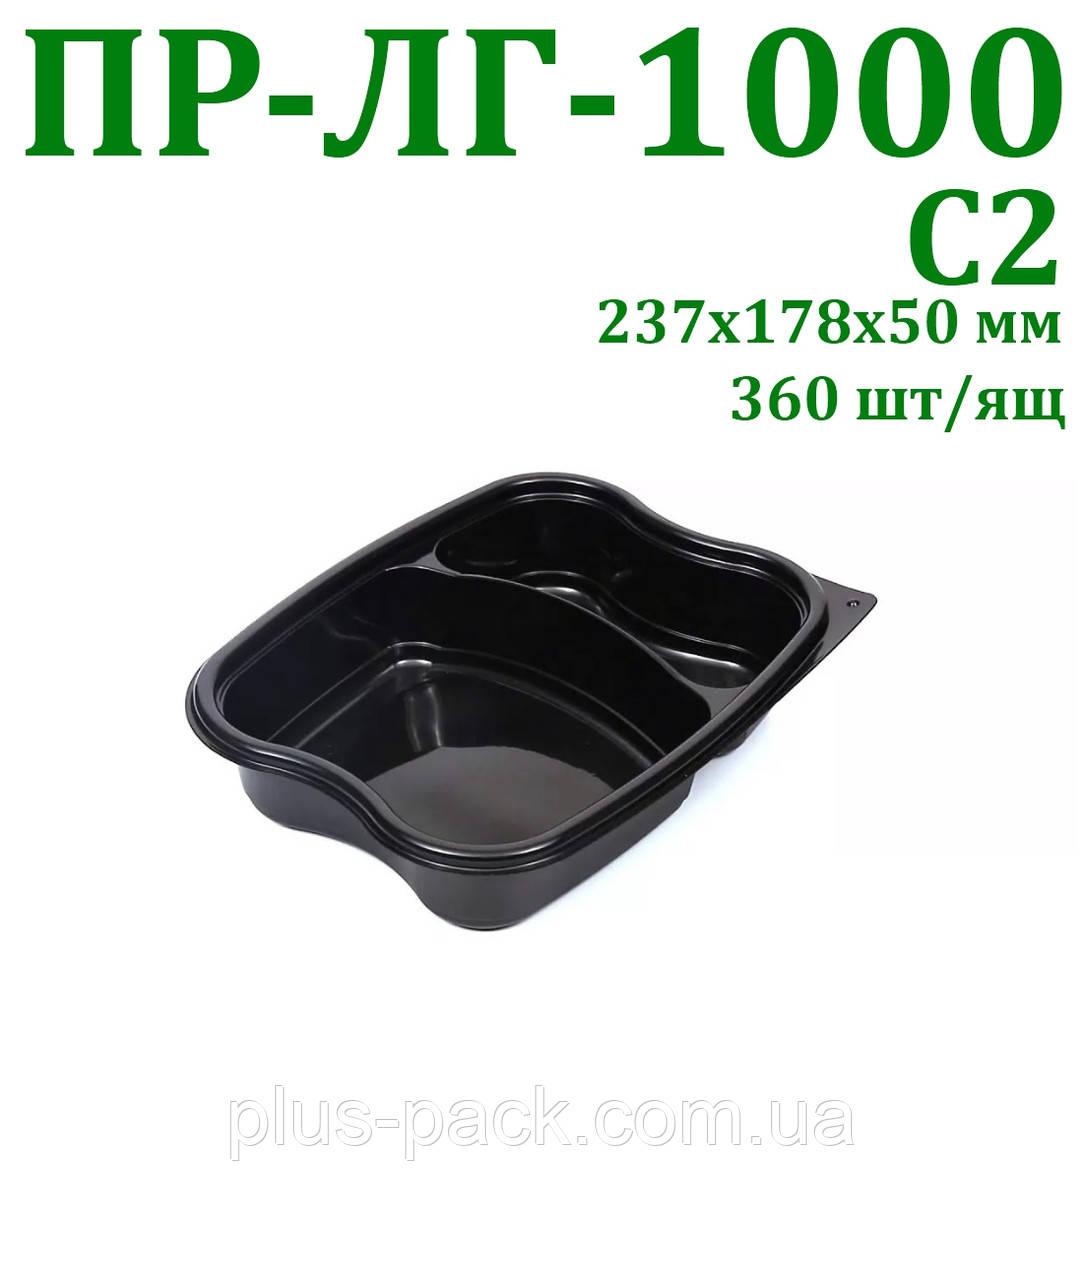 Прямокутна одноразова упаковка ПР-ЛГ-1000 С2 на два ділення (1000 мл), 360шт/ящ